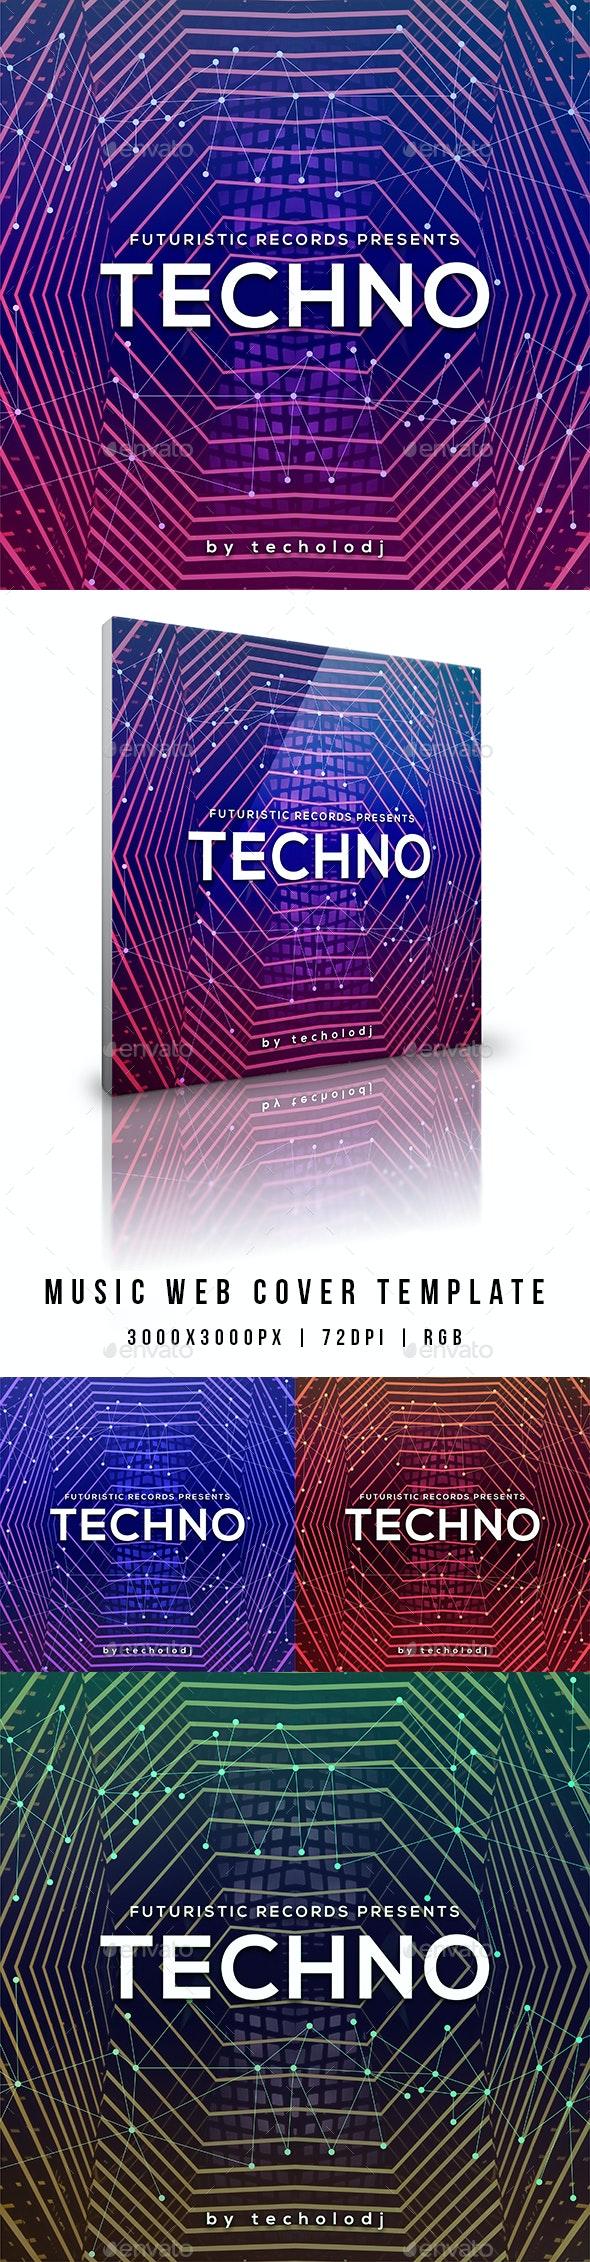 Techno - Music Album Web Cover Template - Miscellaneous Social Media